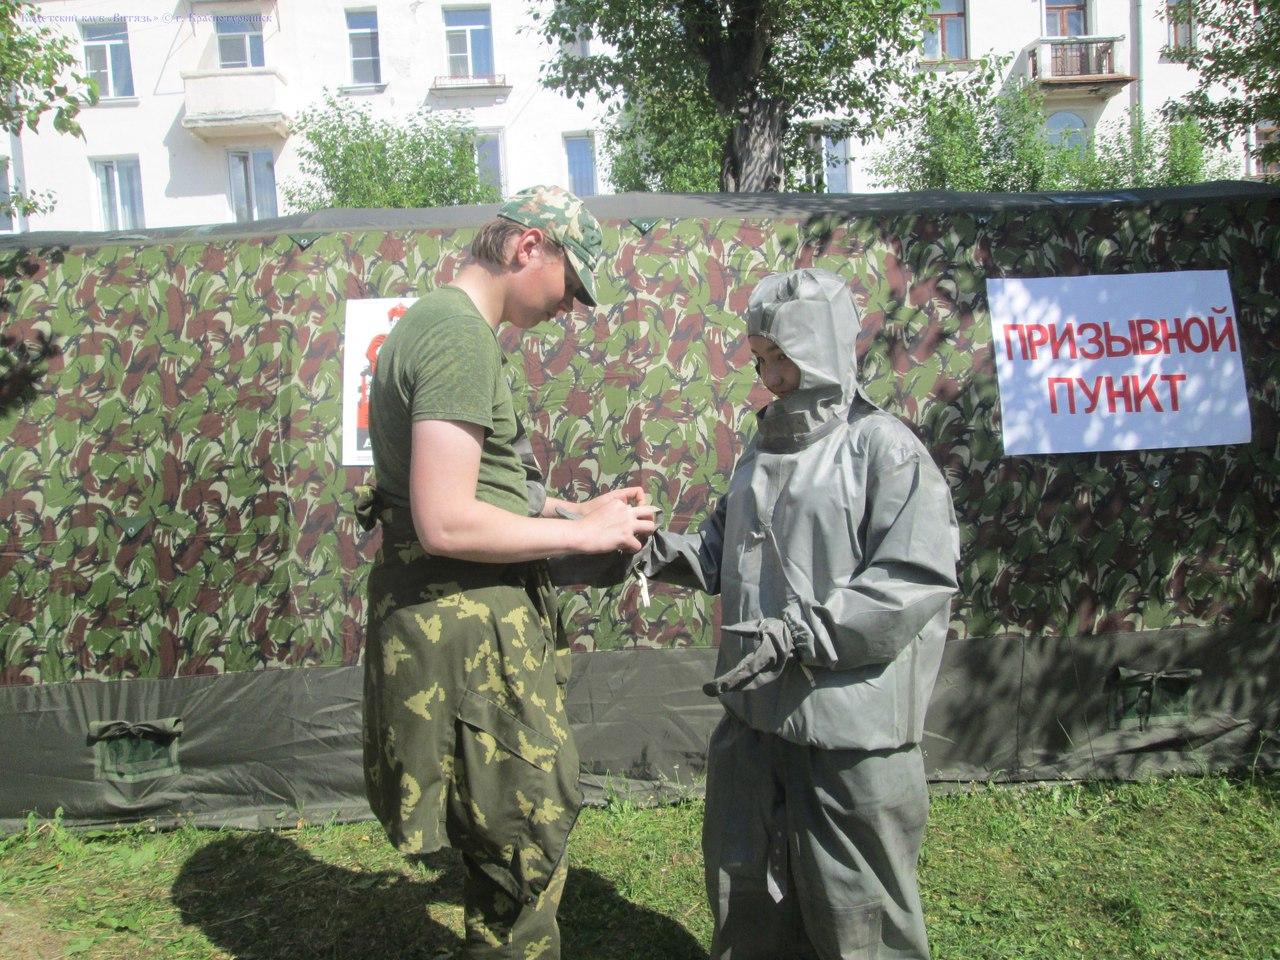 Воспитанники кадетского клуба Витязь в Крастноутрьинске Свердловской области